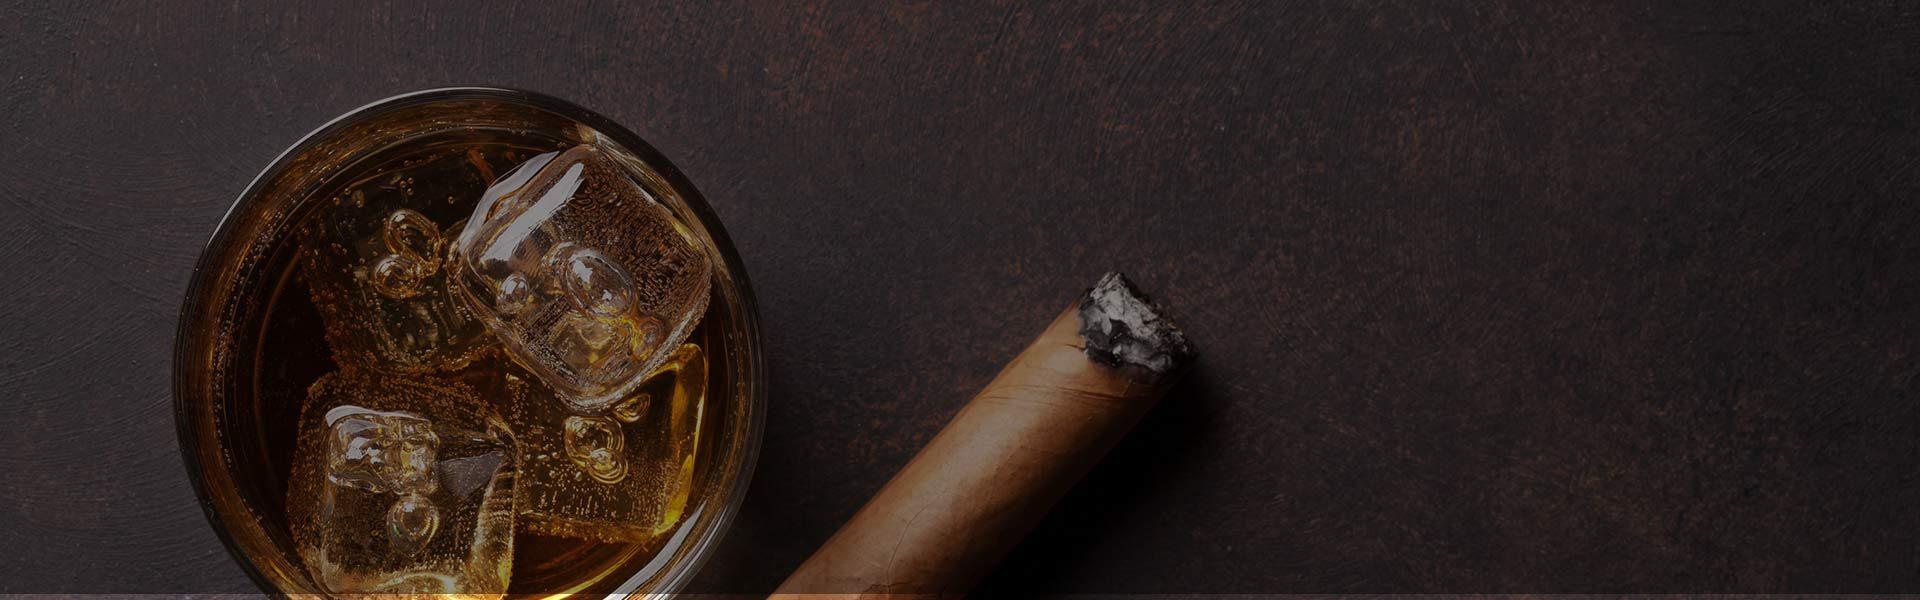 slide2_cigar